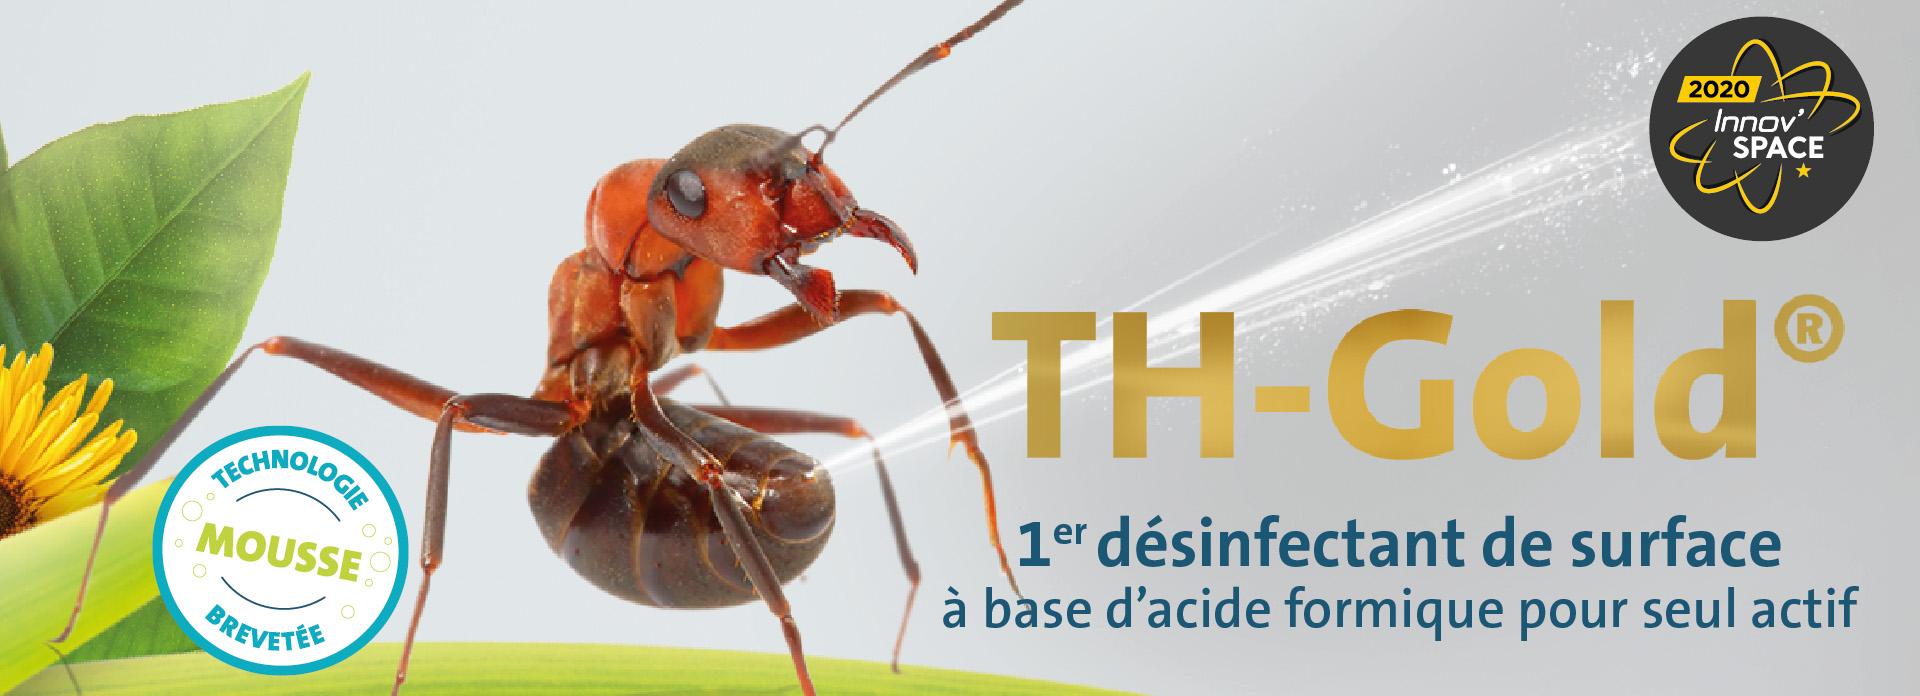 th-gold-acide-formique